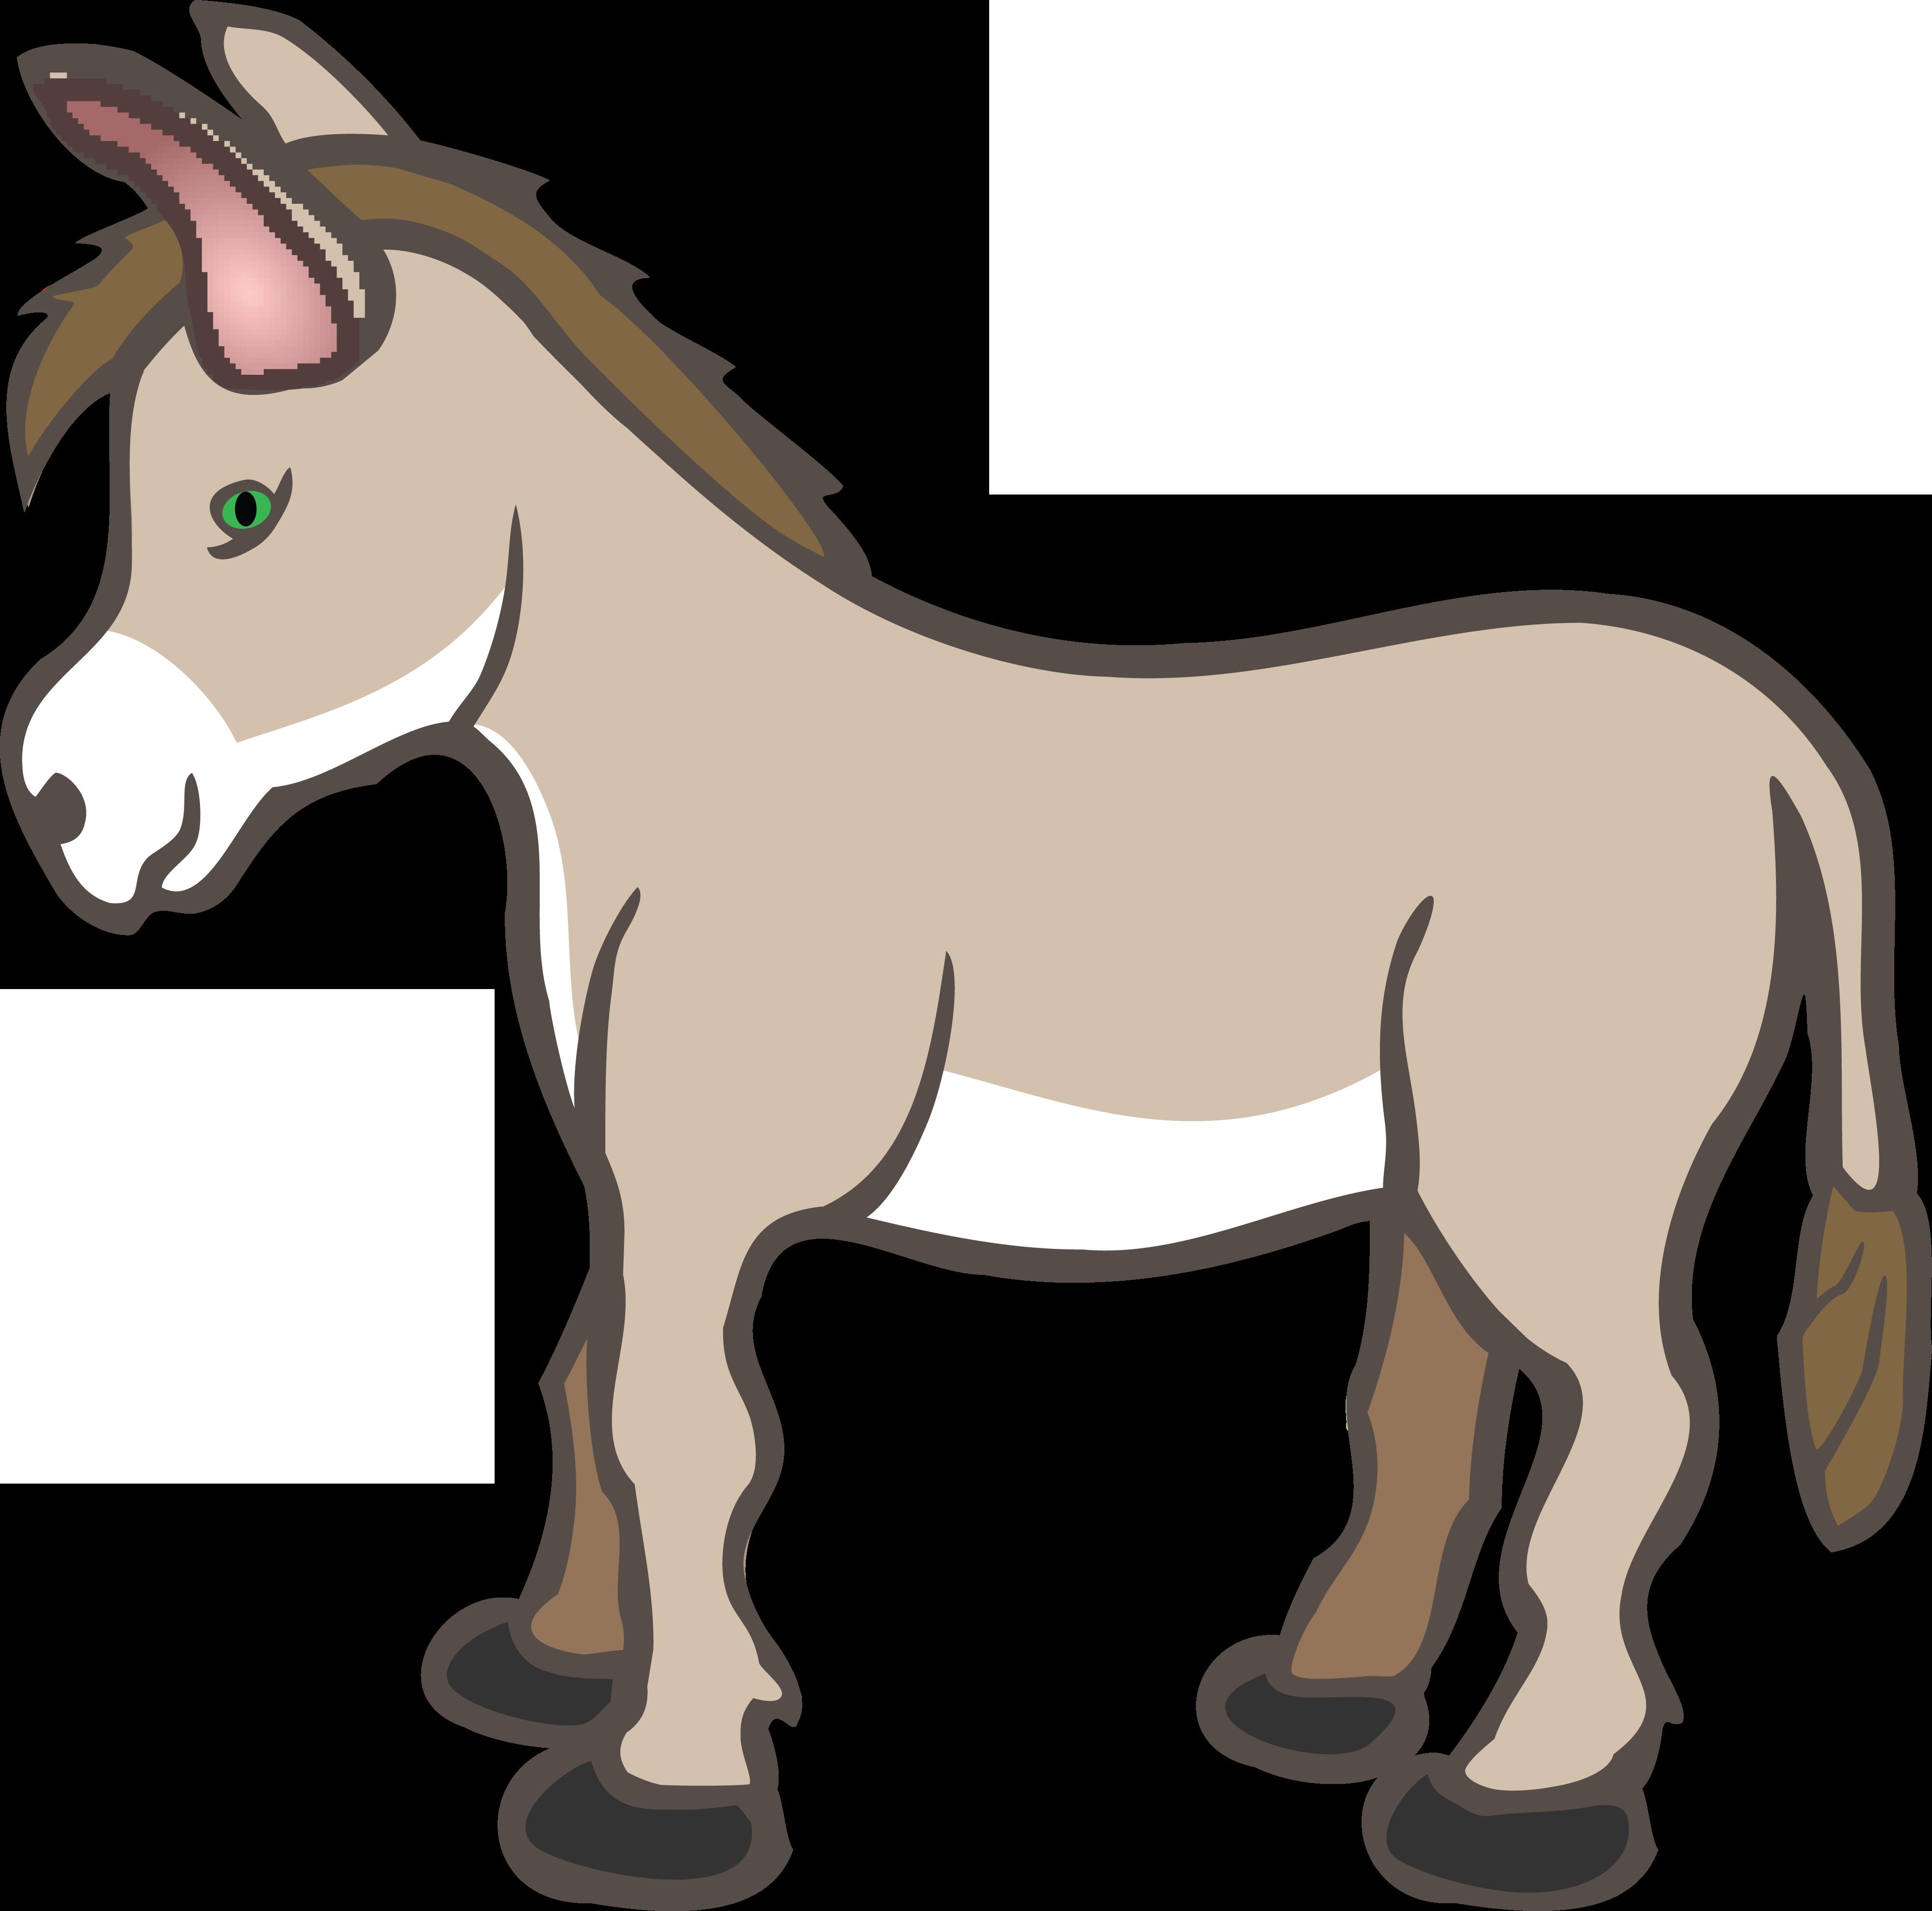 Free of a jokingart. Politics clipart democrat donkey